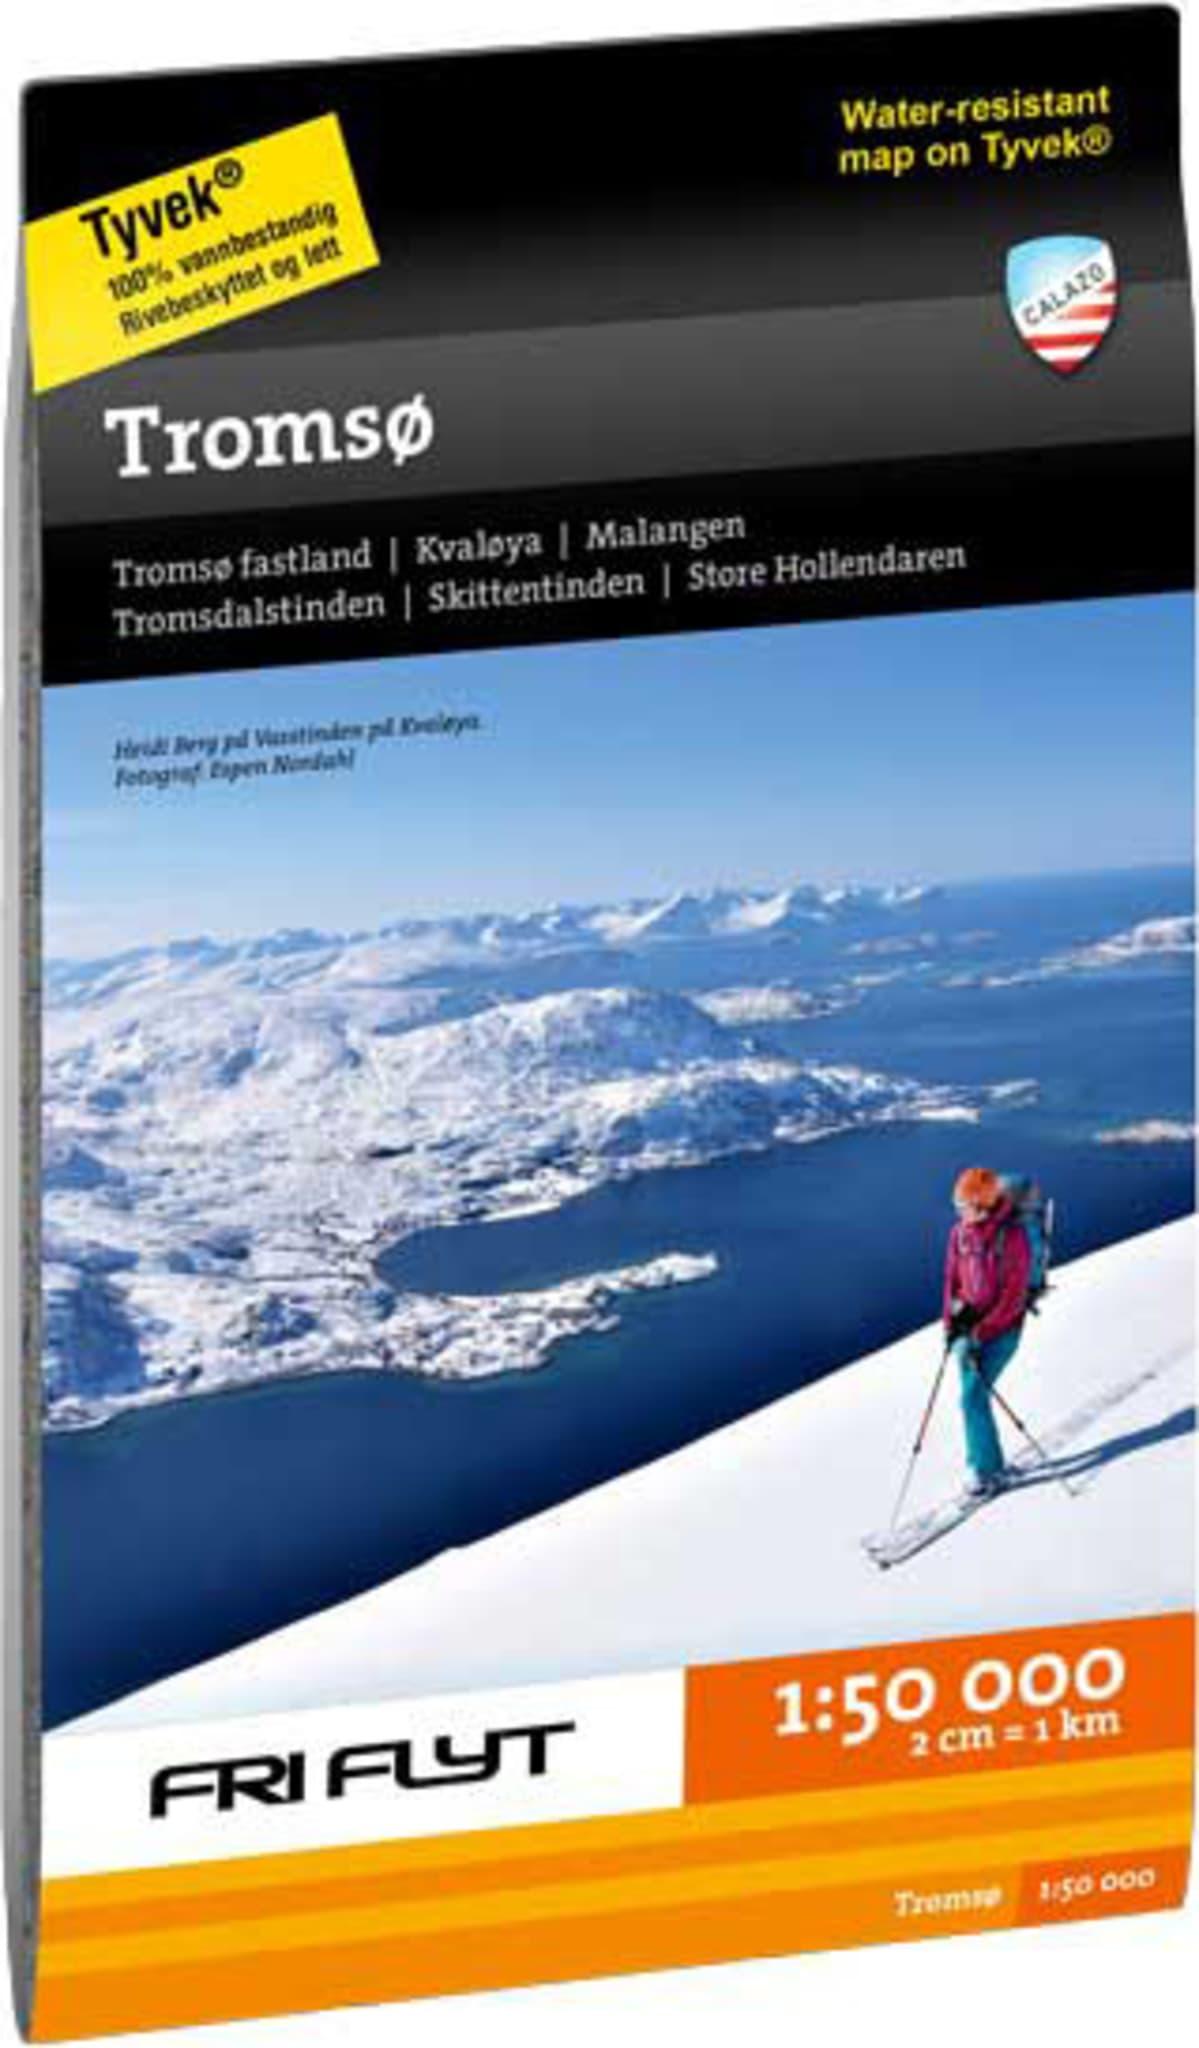 Skal du til Tromsø på tur?